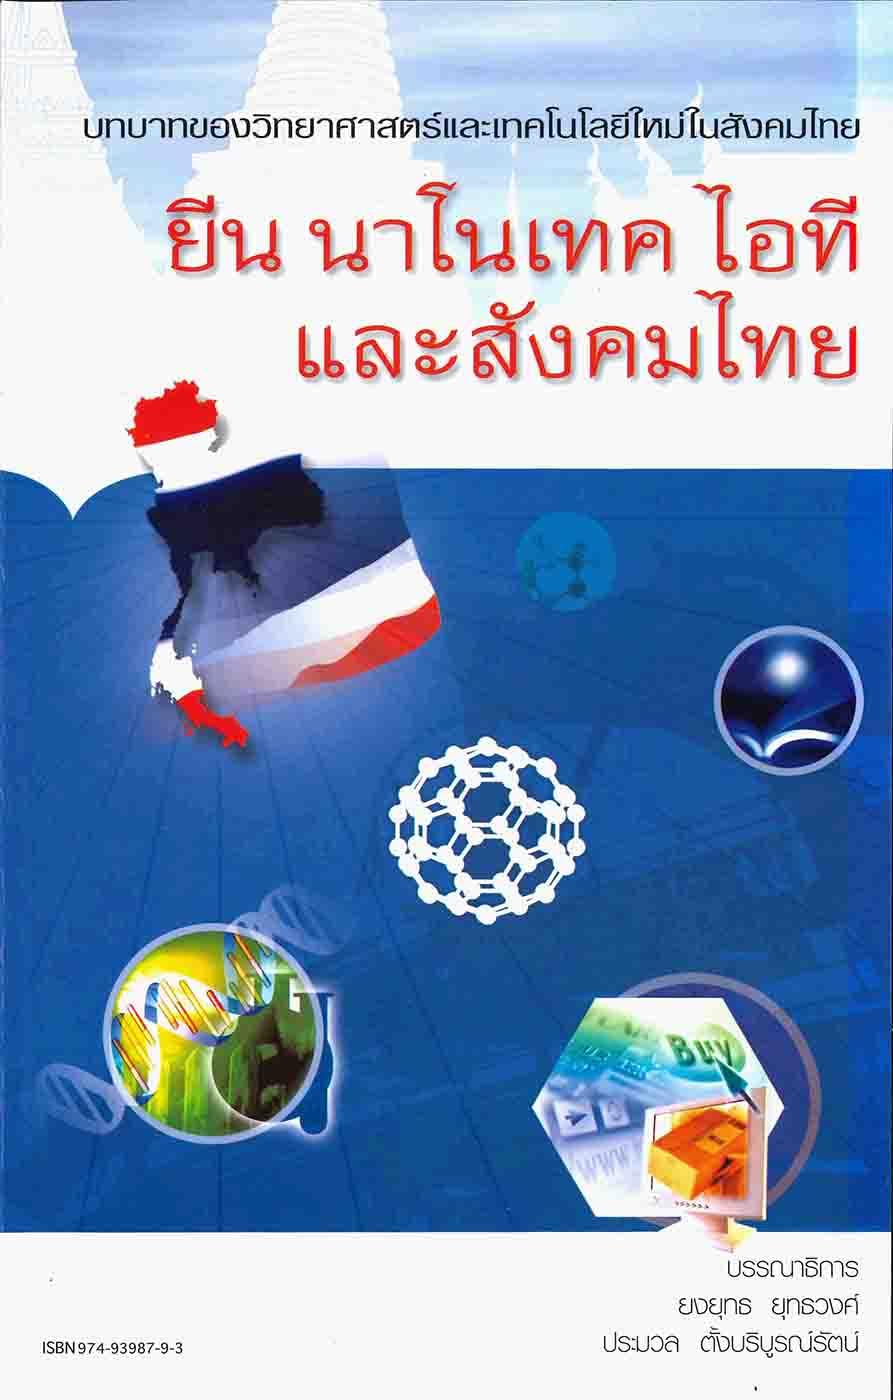 ยีน นาโนเทค ไอที และสังคมไทย